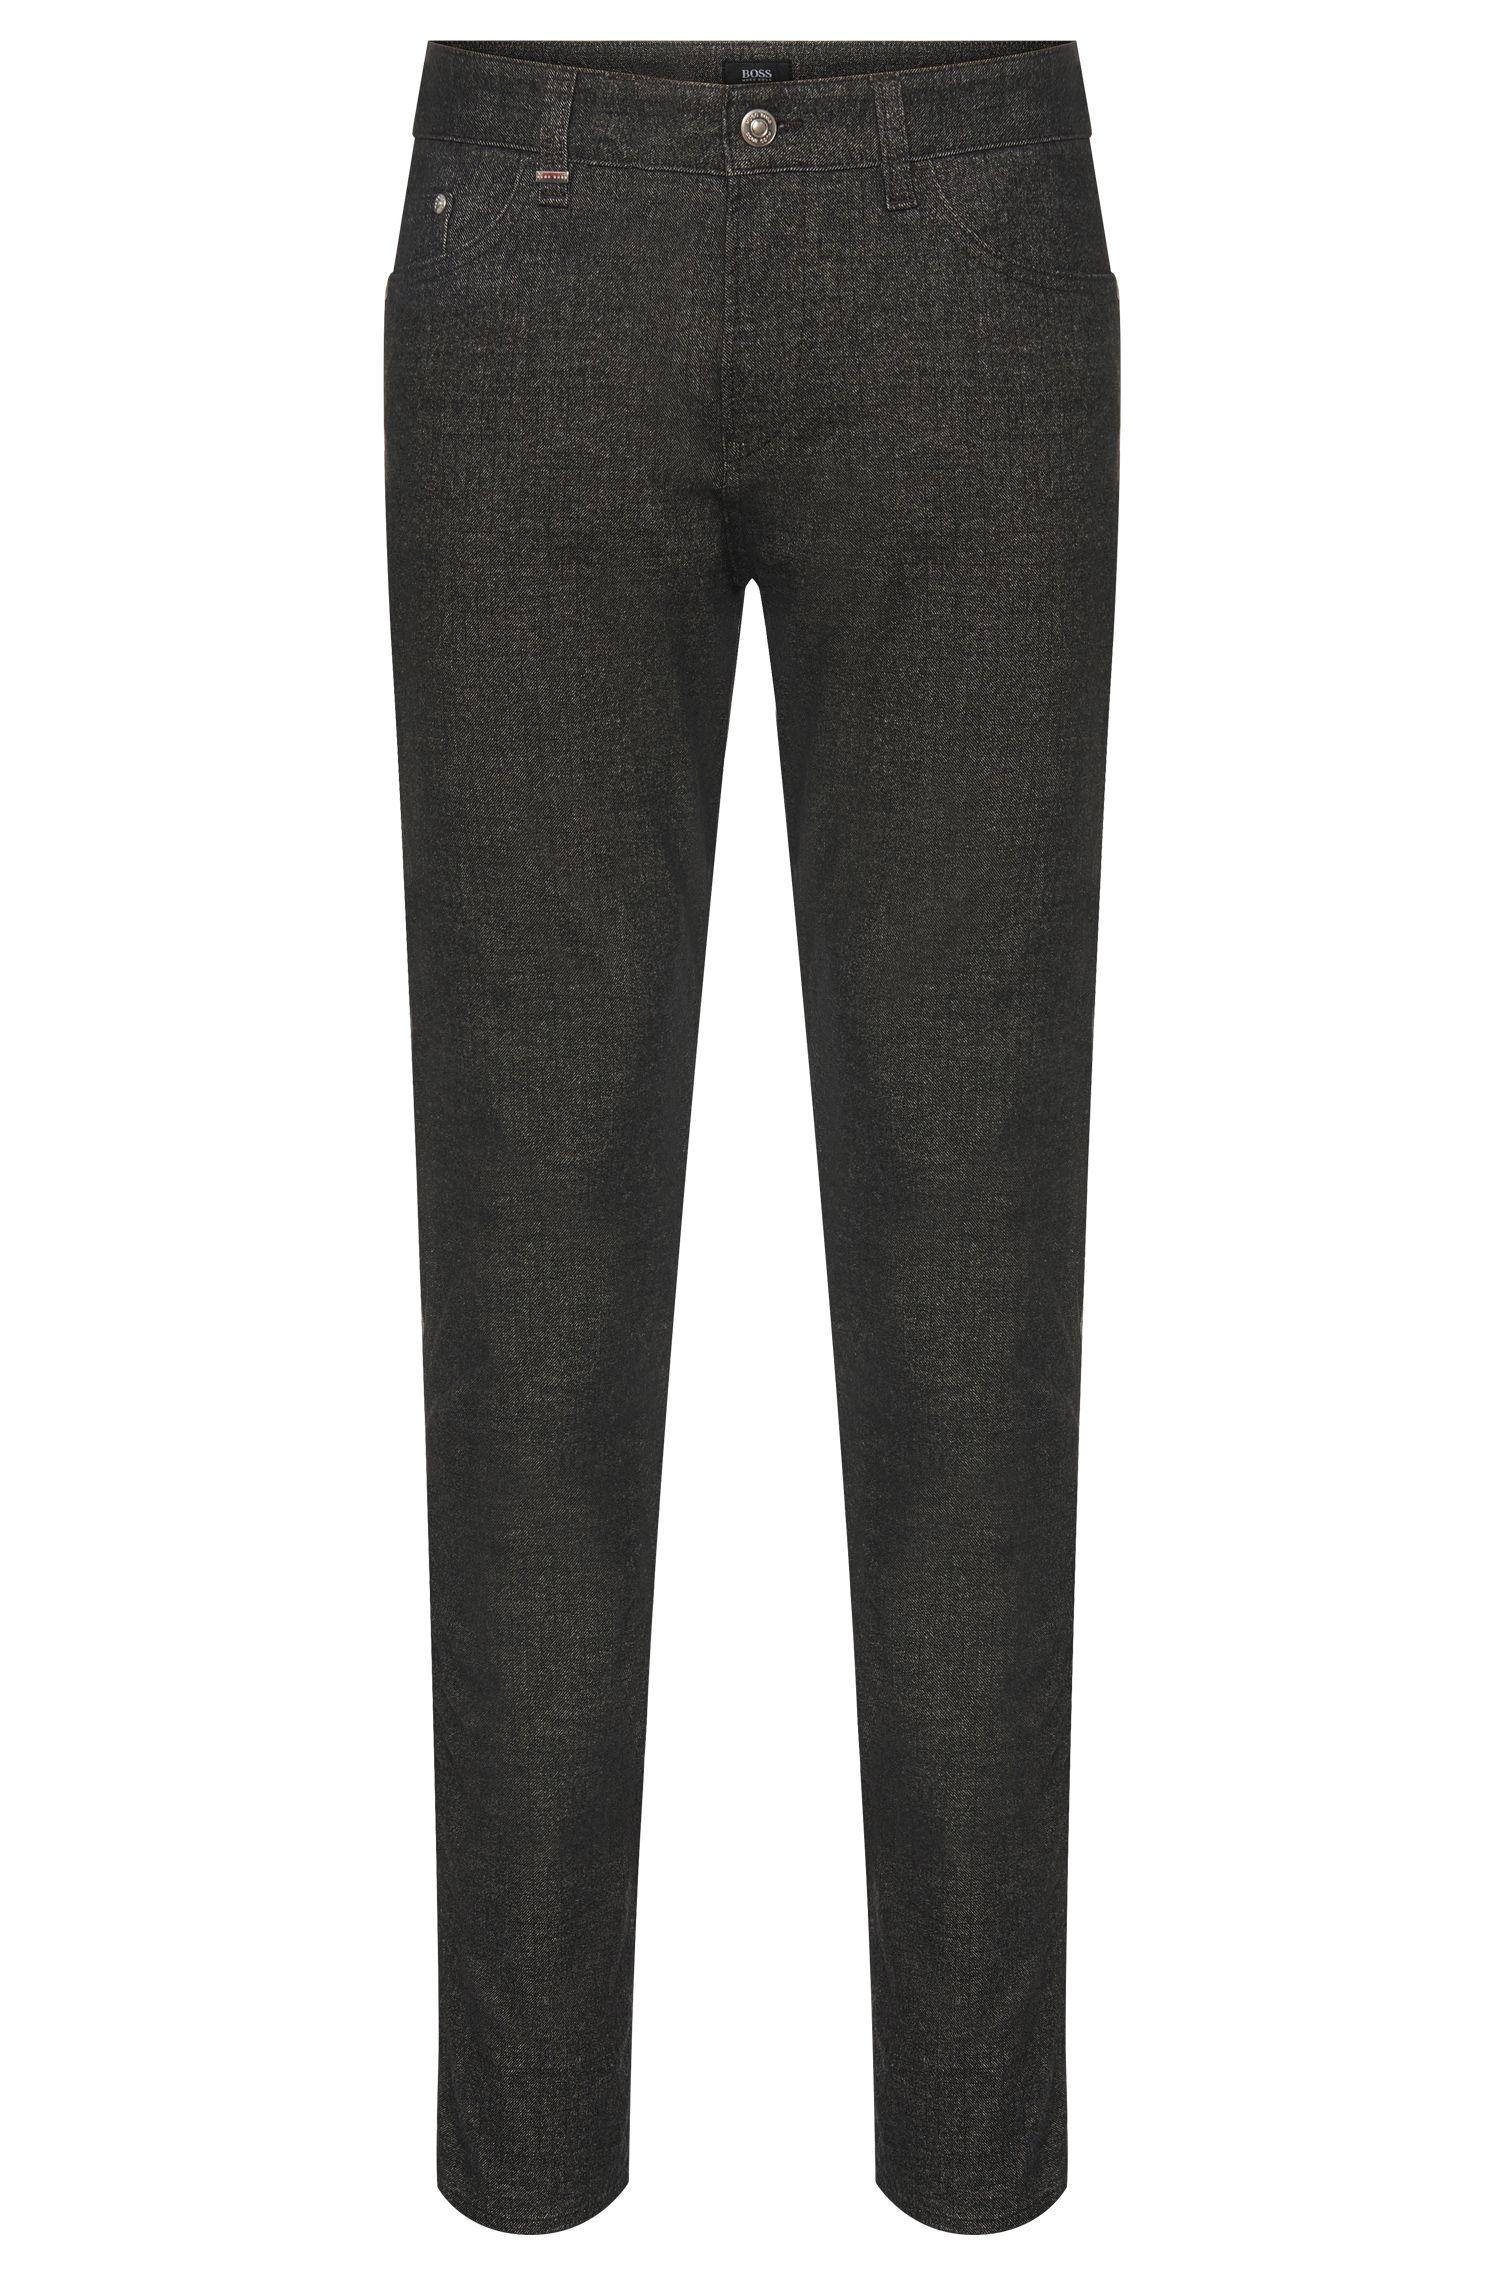 'Delaware' | Slim Fit, 15 oz Stretch Cotton Blend Melange Jeans